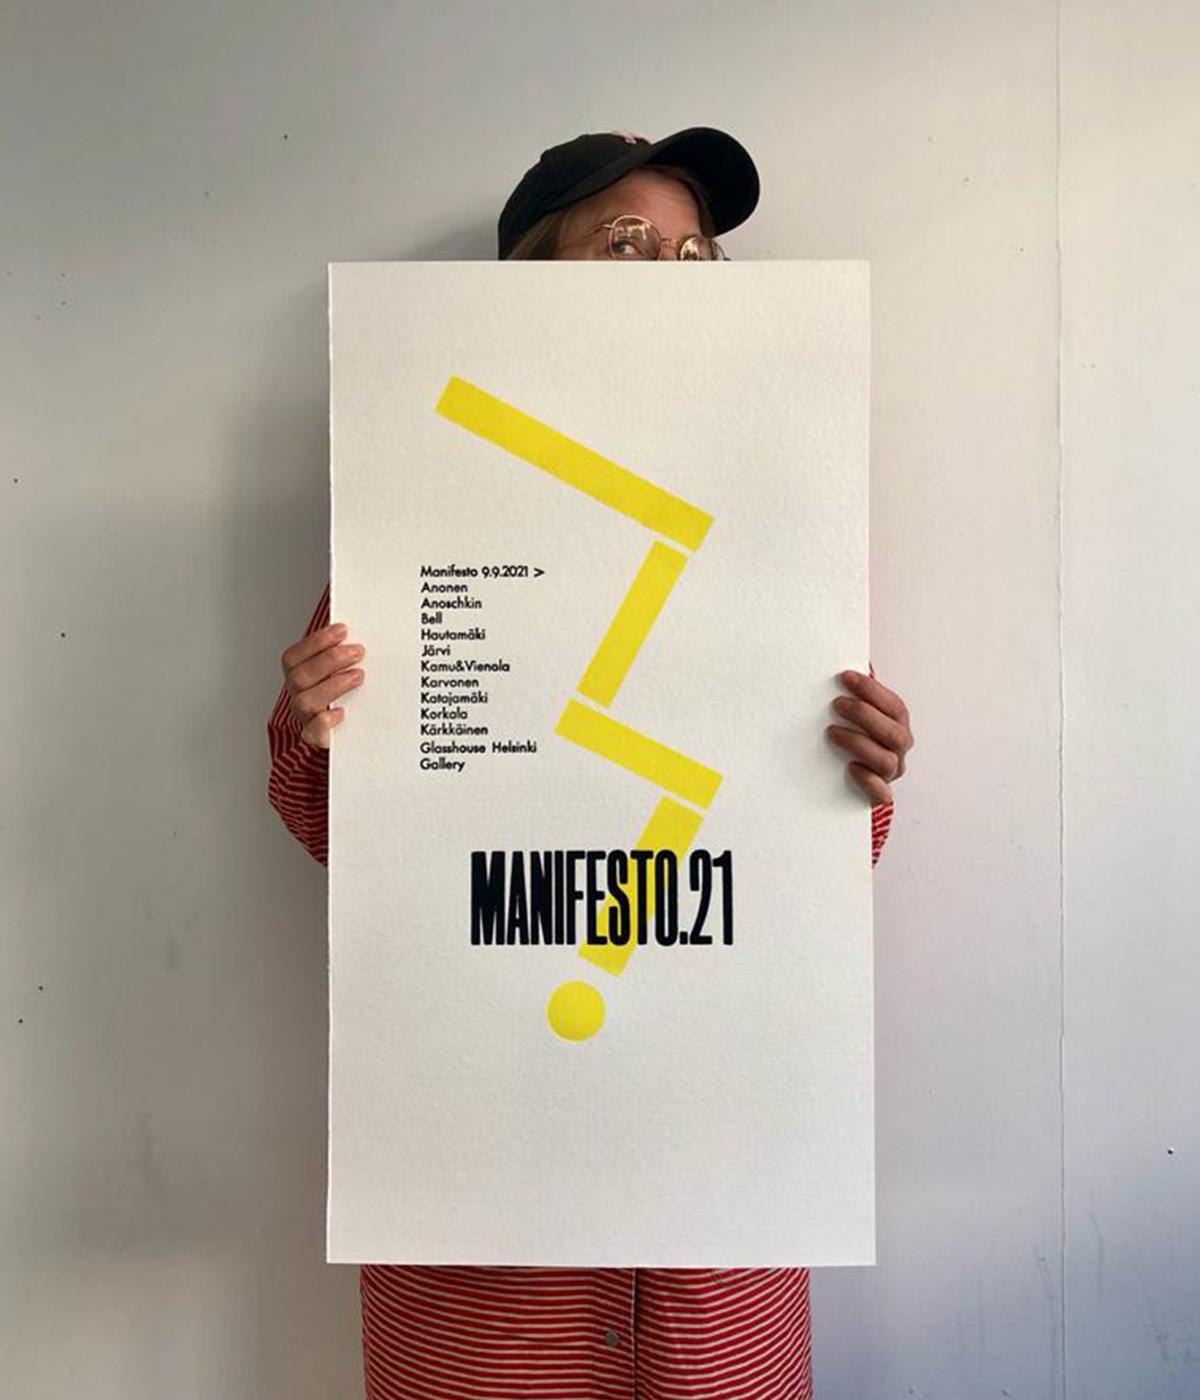 manifesto21